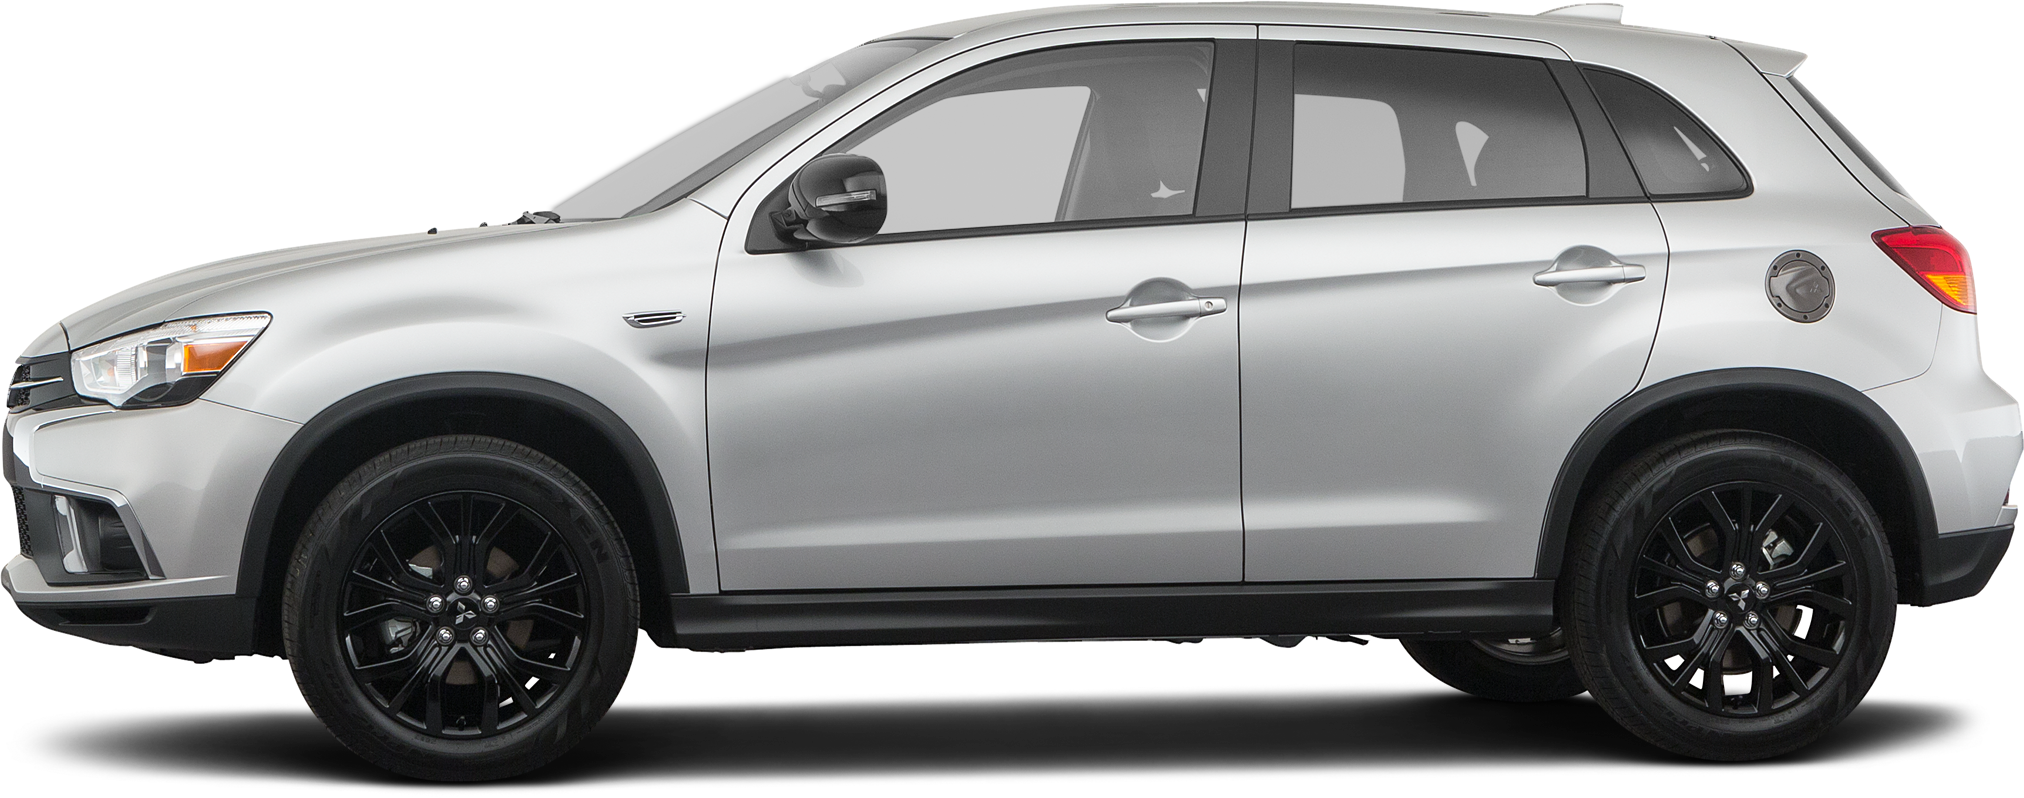 2019 Mitsubishi Outlander Sport CUV 2.0 LE